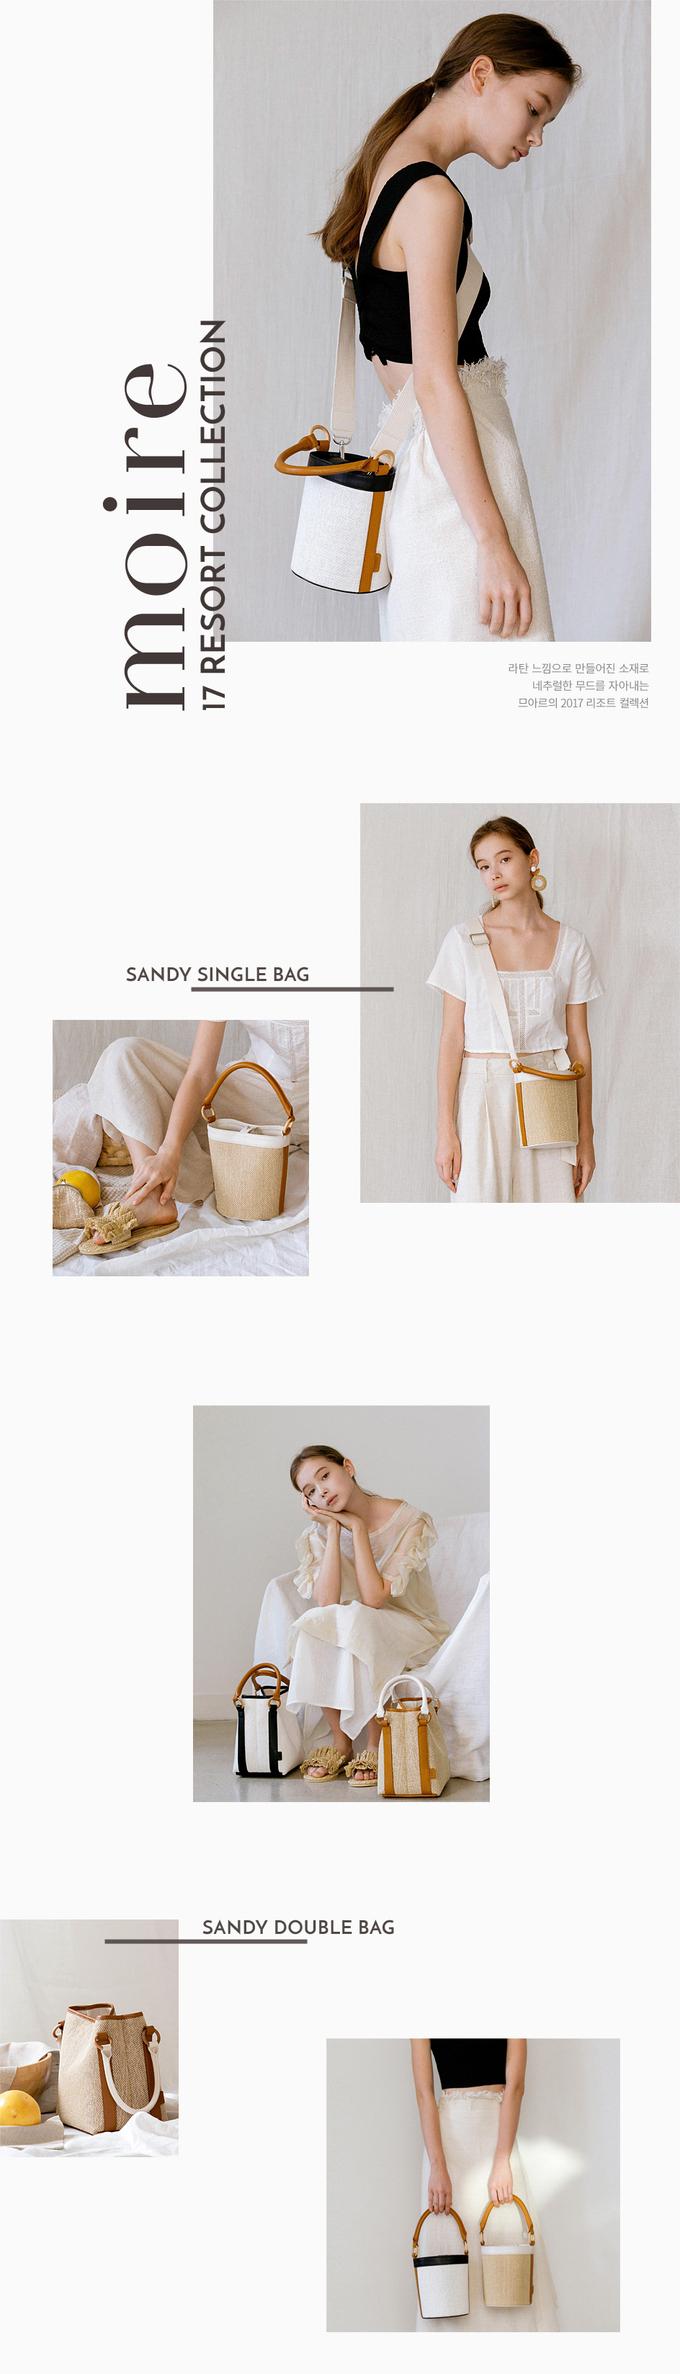 WIZWID:위즈위드 - 글로벌 쇼핑 네트워크 여성 의류 가방 우먼 패션 백 기획전 MOIRE